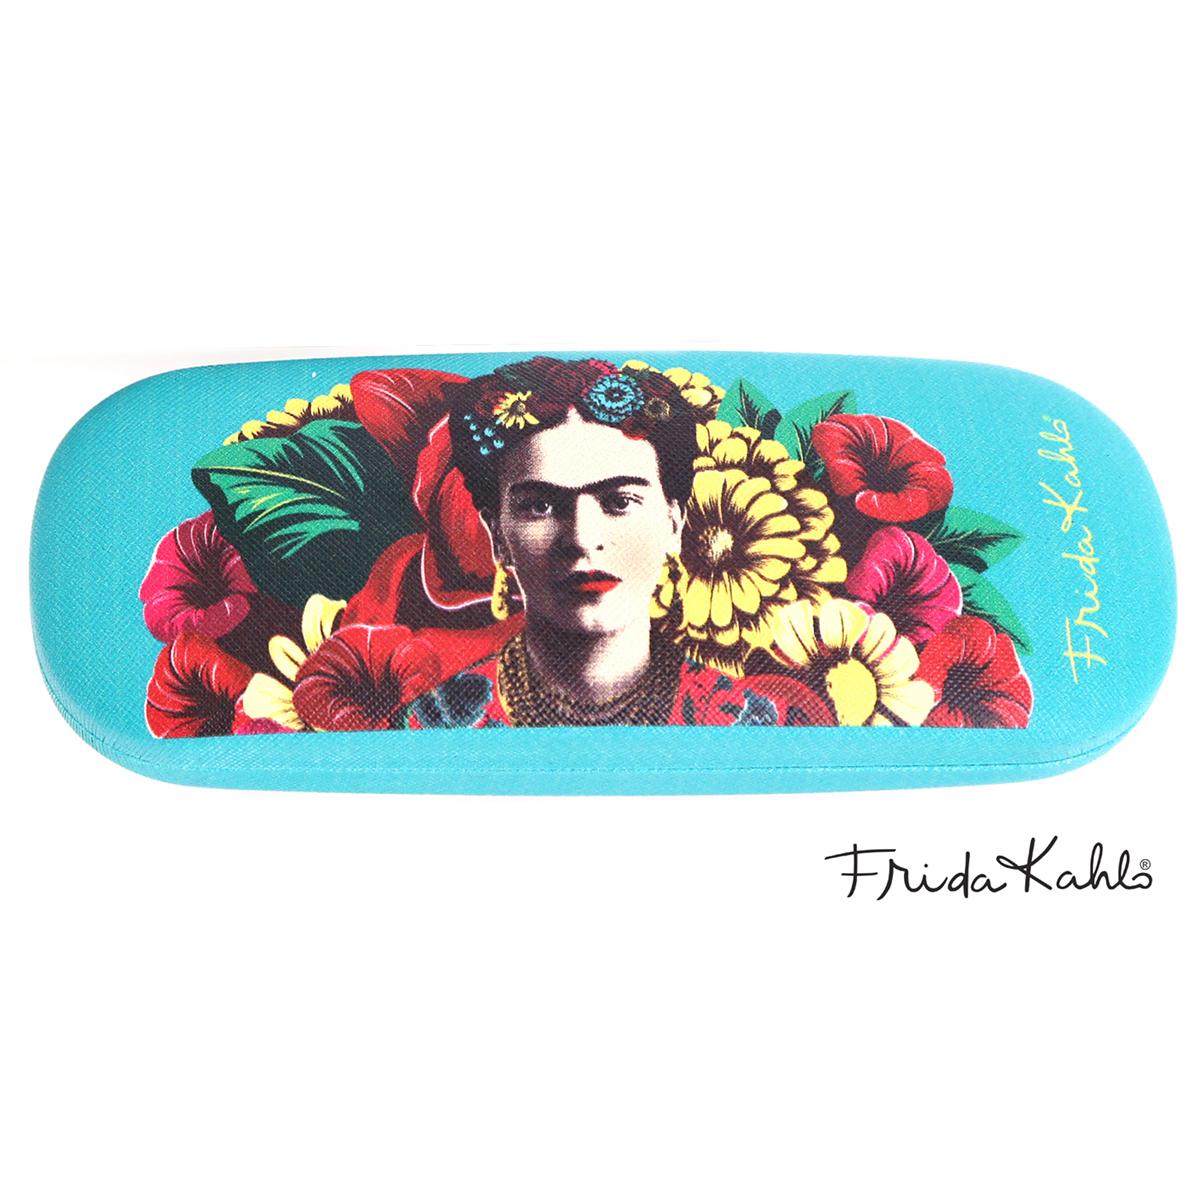 Etui à lunettes créateur \'Frida Kahlo\' turquoise - 15x6 cm - [A0003]